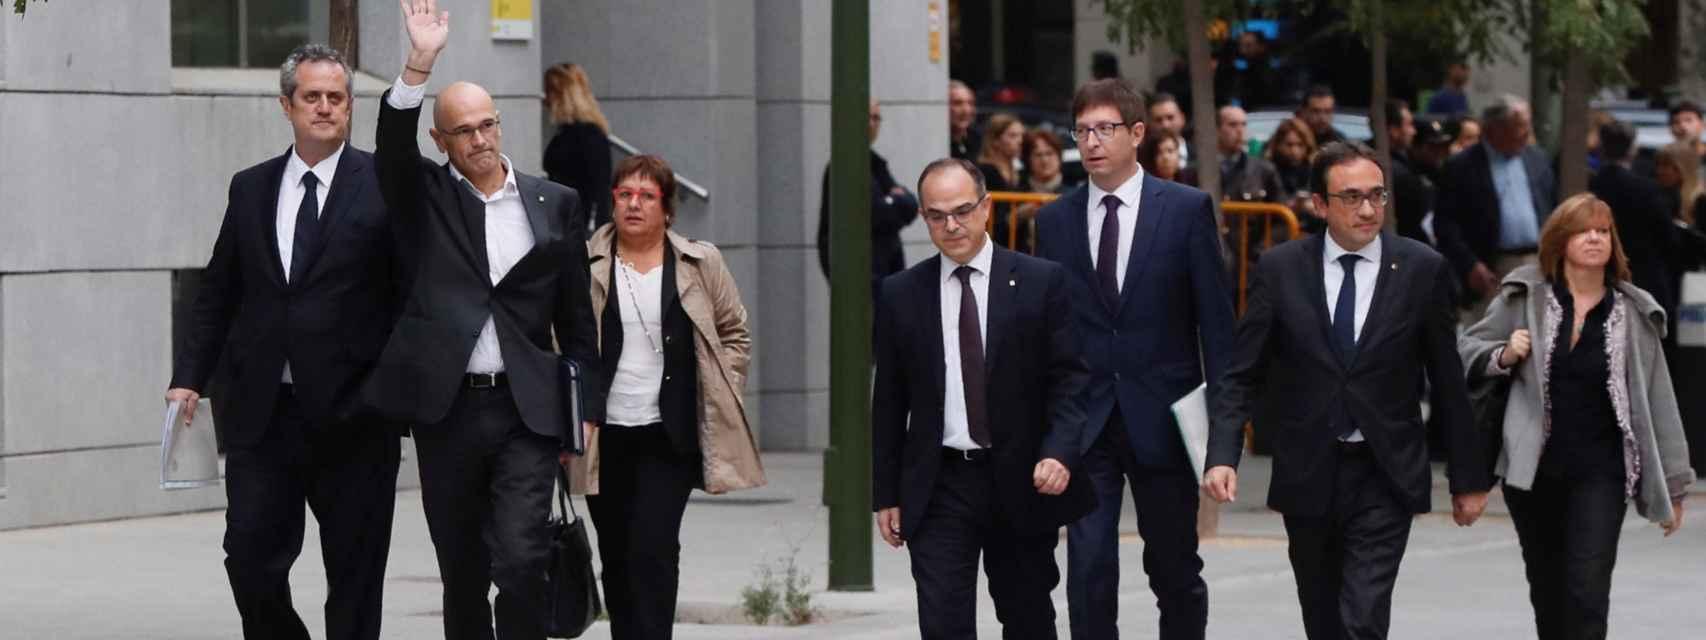 Joaquín Forn, Raül Romeva, Dolors Bassa, Jordi Turull, Josep Rull y Meritxell Borrás a su llegada a la sede de la Audiencia Nacional